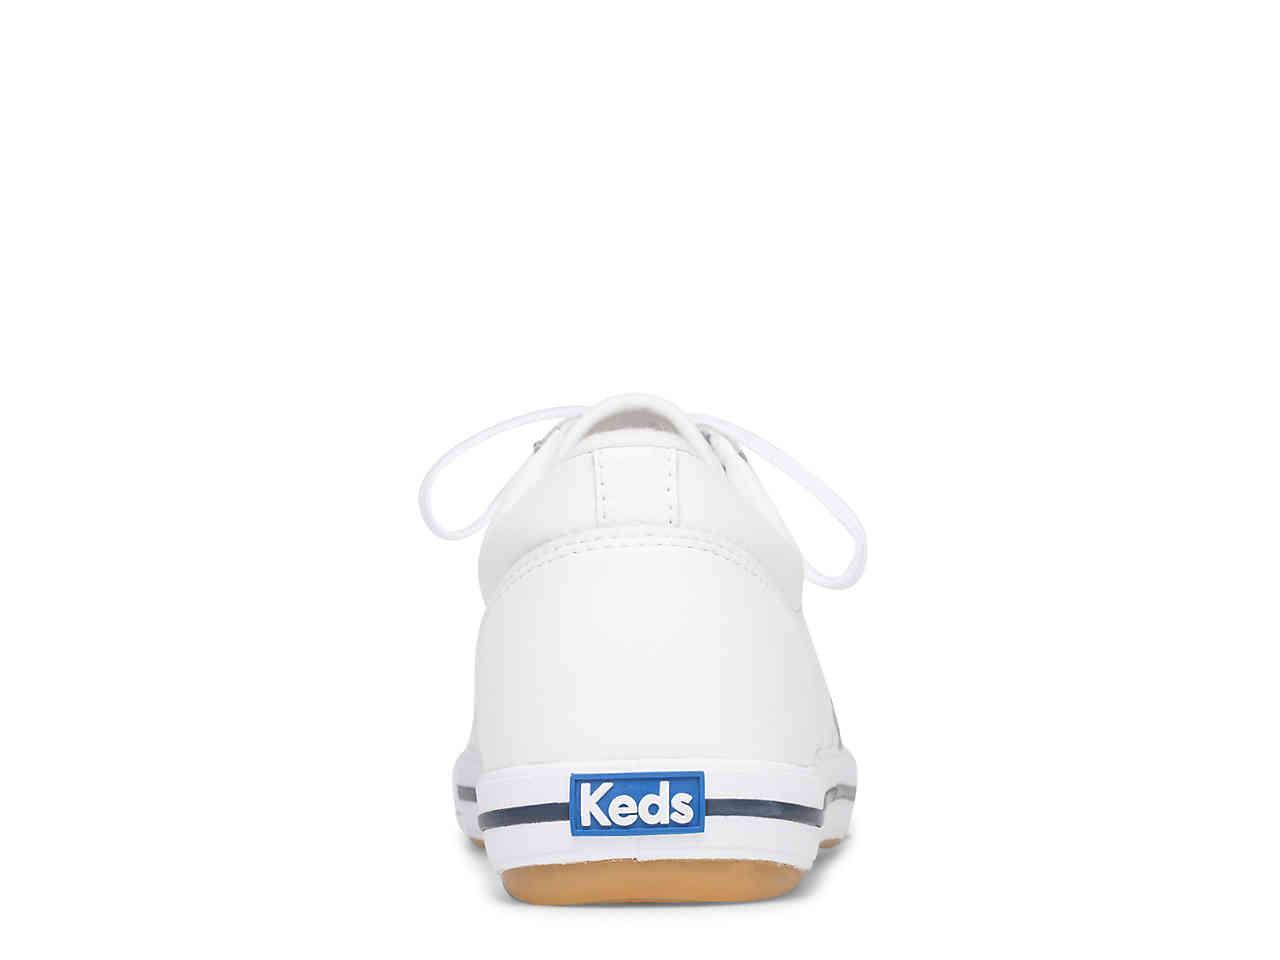 d16bca75c3e7a Keds - White Courty Core Sneaker - Lyst. View fullscreen